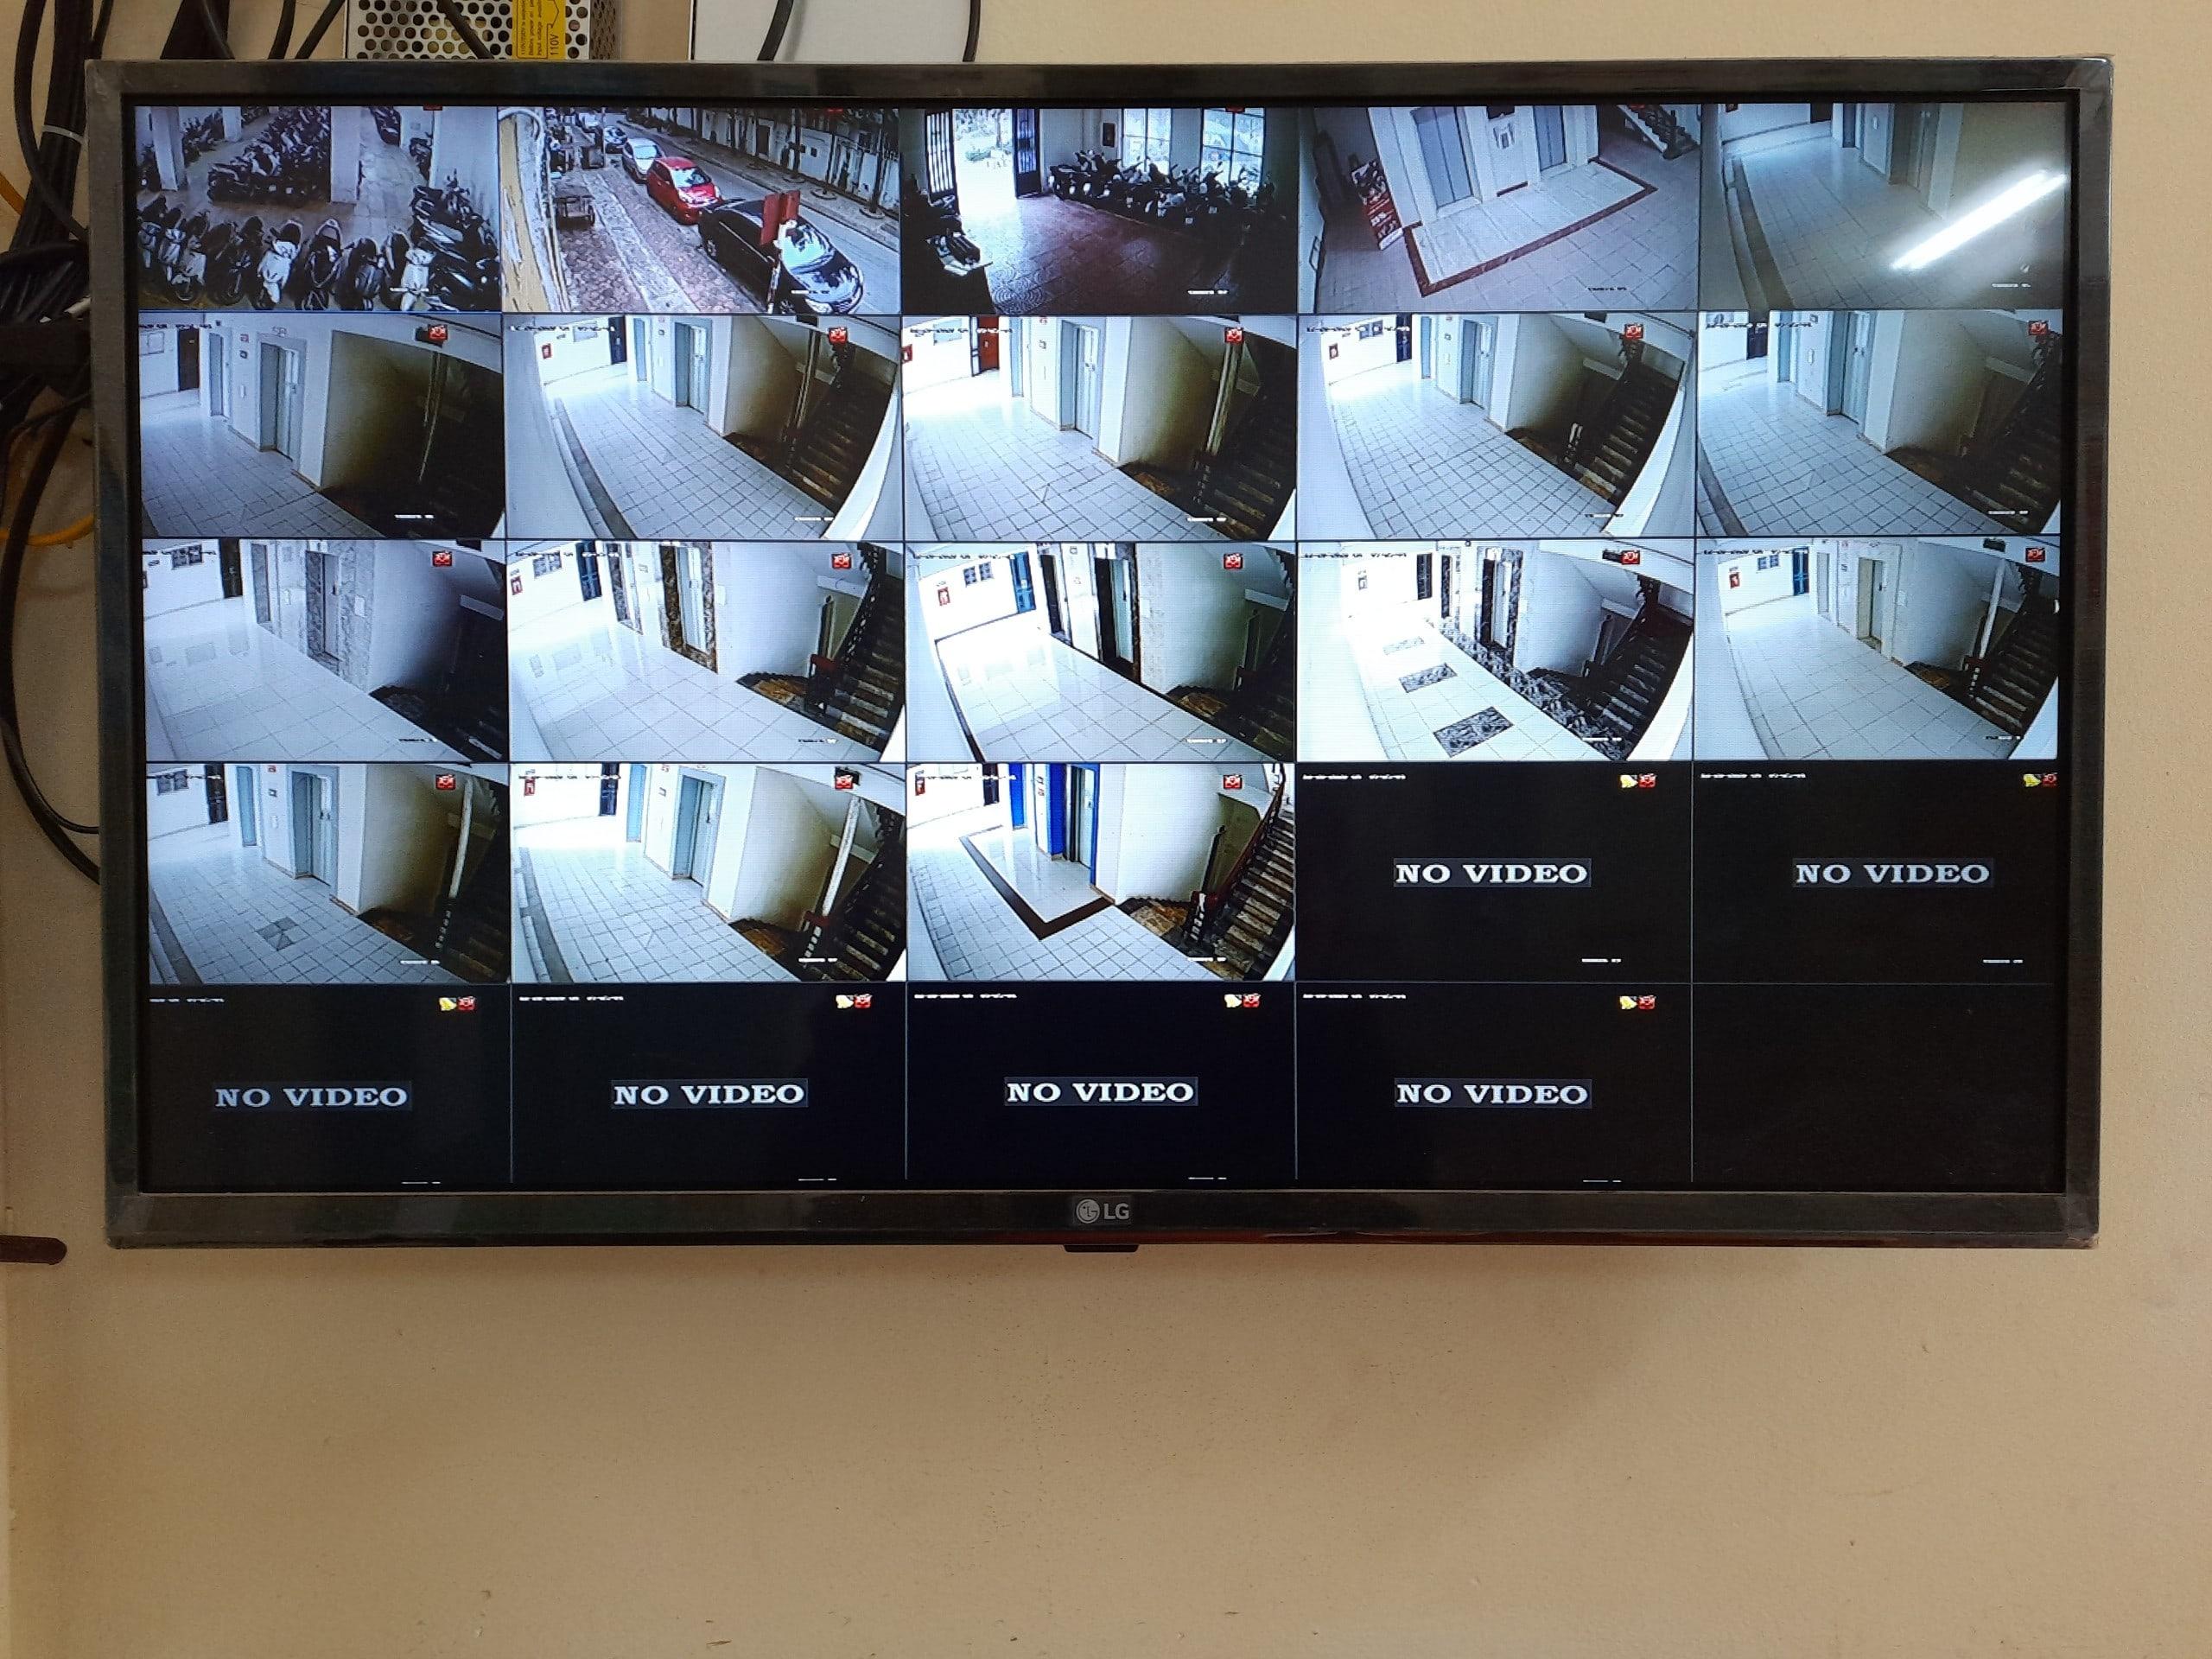 Lắp trọn bộ 14 camera Hikvision 2.0-1080P-Chung Cư CT5-DDN4-Mỹ Đình 2-Từ Liêm-Hà Nội